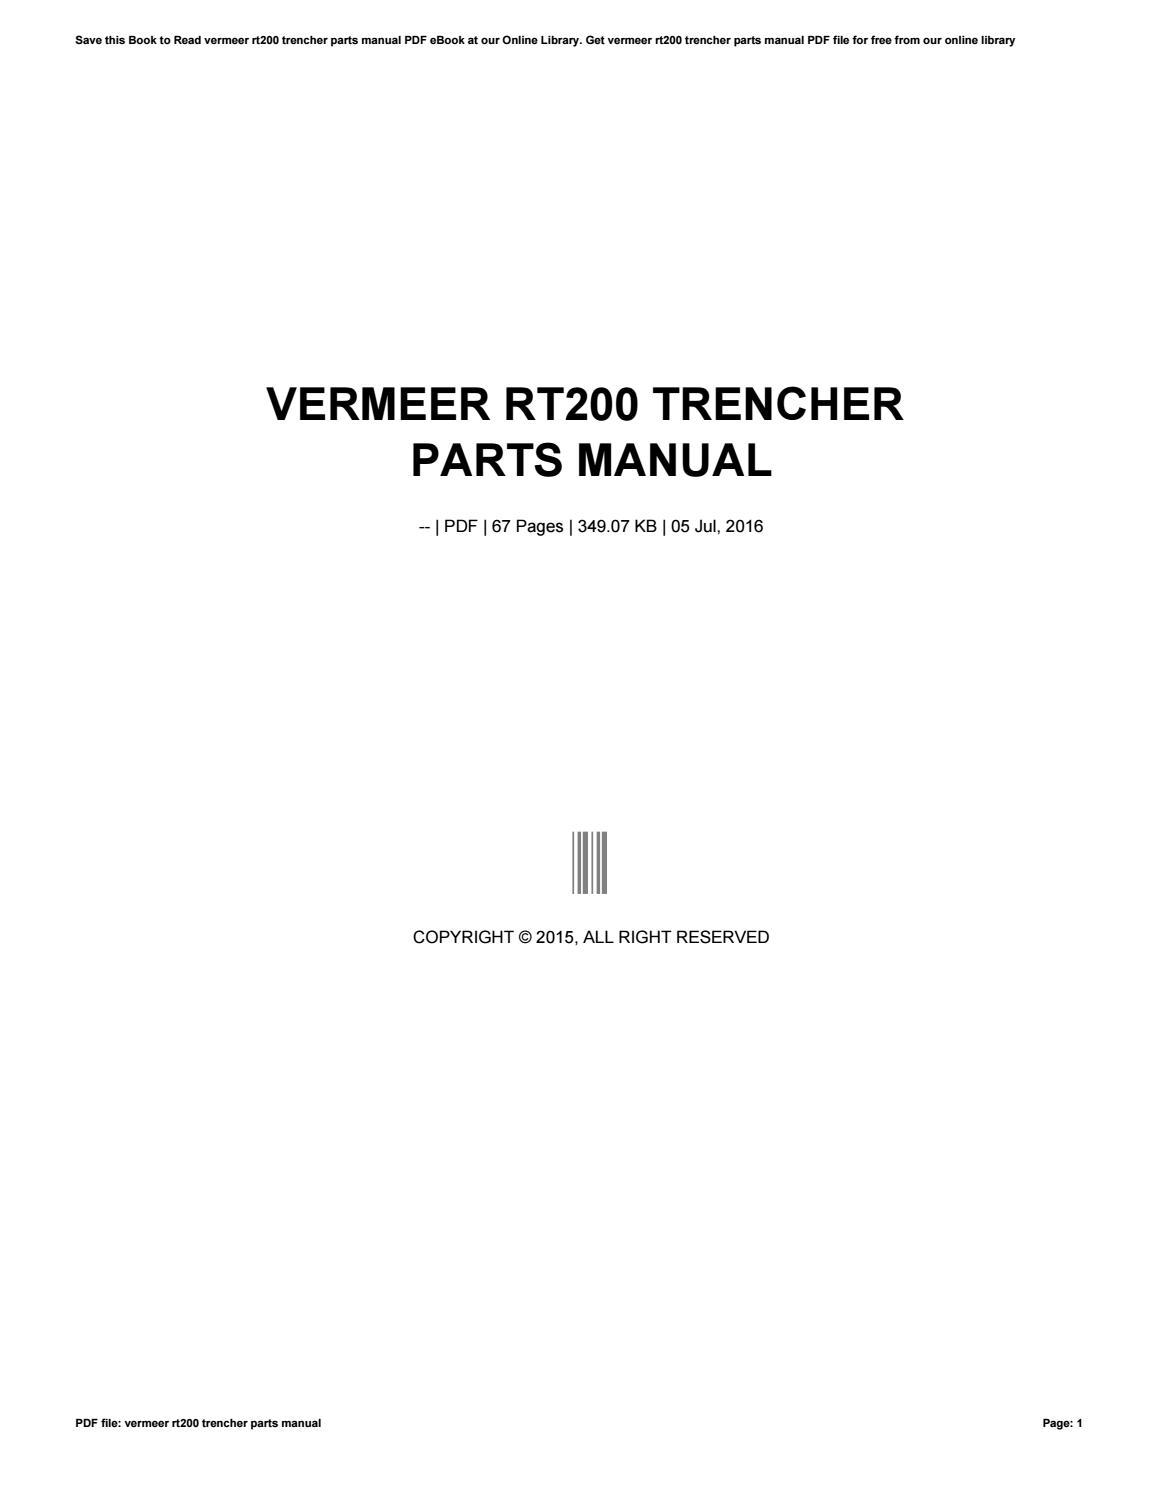 Vermeer Manuals Pdf